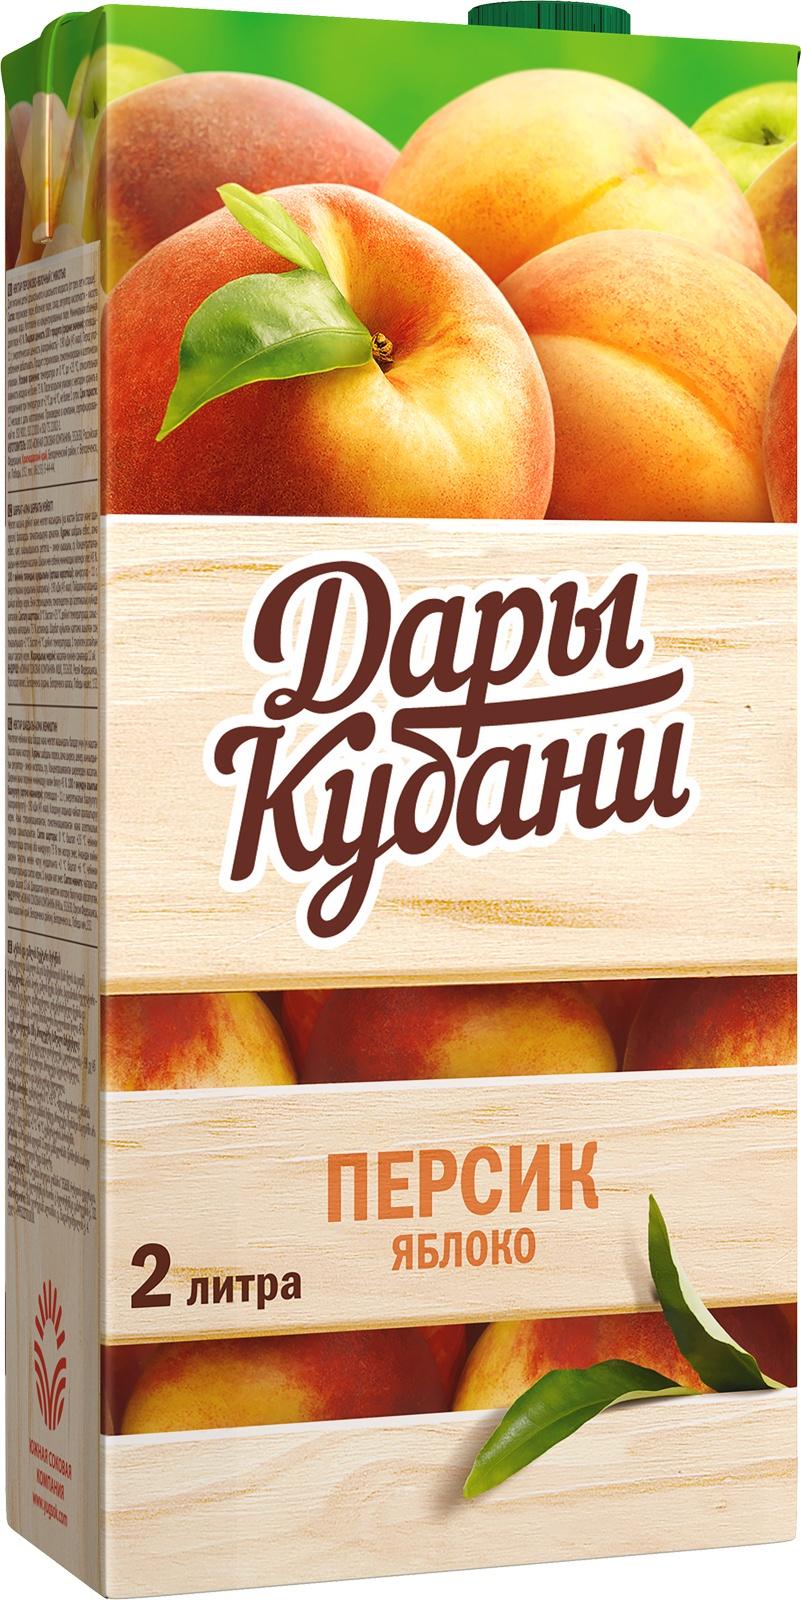 Нектар Дары Кубани персиково-яблочный 2 л дары кубани масло подсолнечное рафинированное высший сорт 1 л